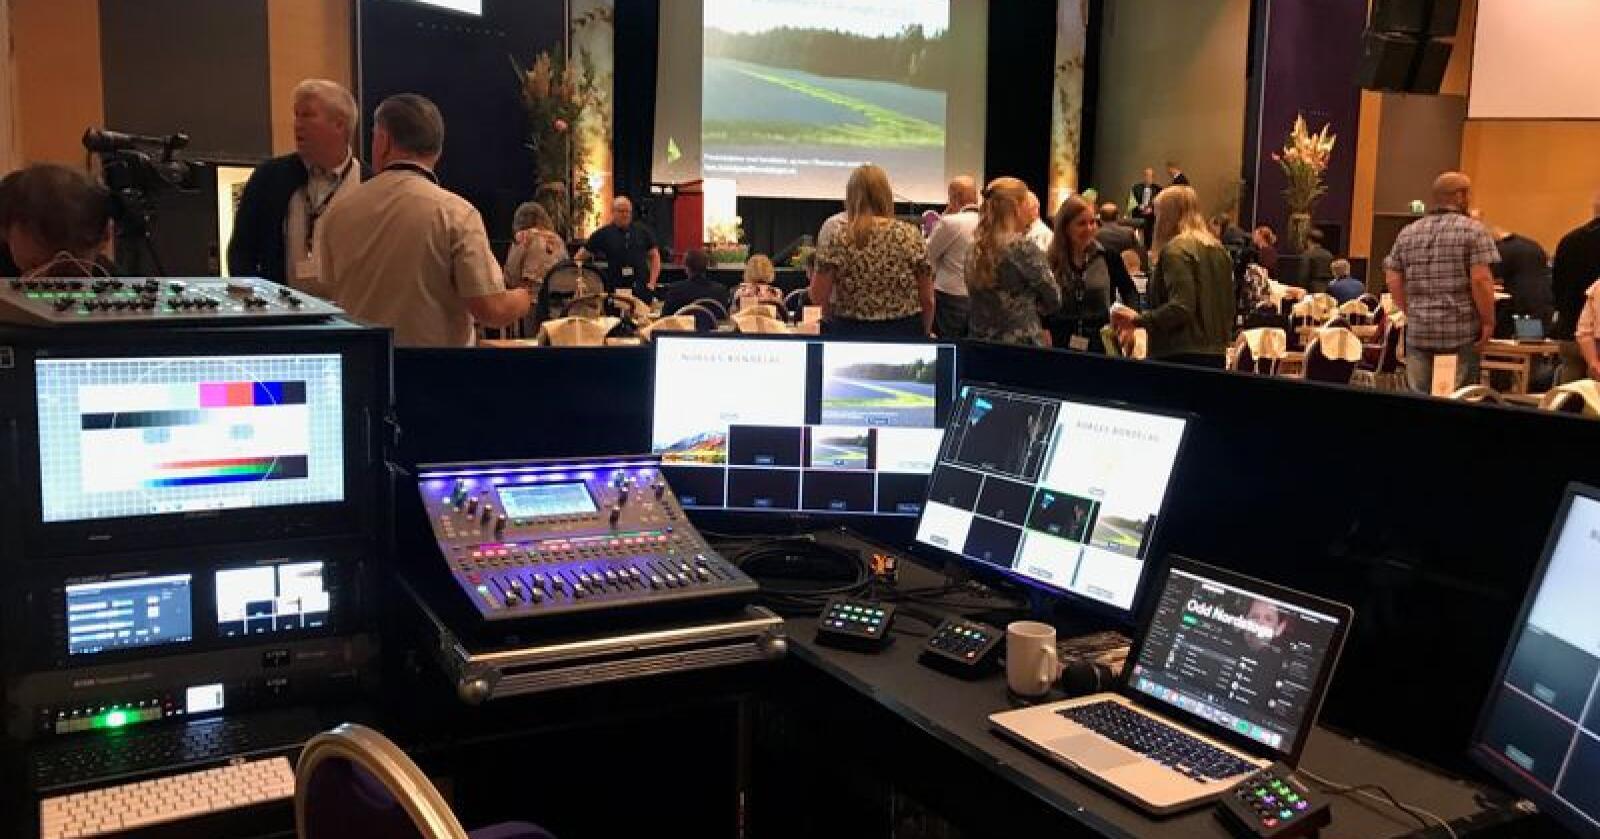 Onsdag og torsdag kan du følge direktesendingen fra årsmøtet i Norges Bondelag på Lillehammer